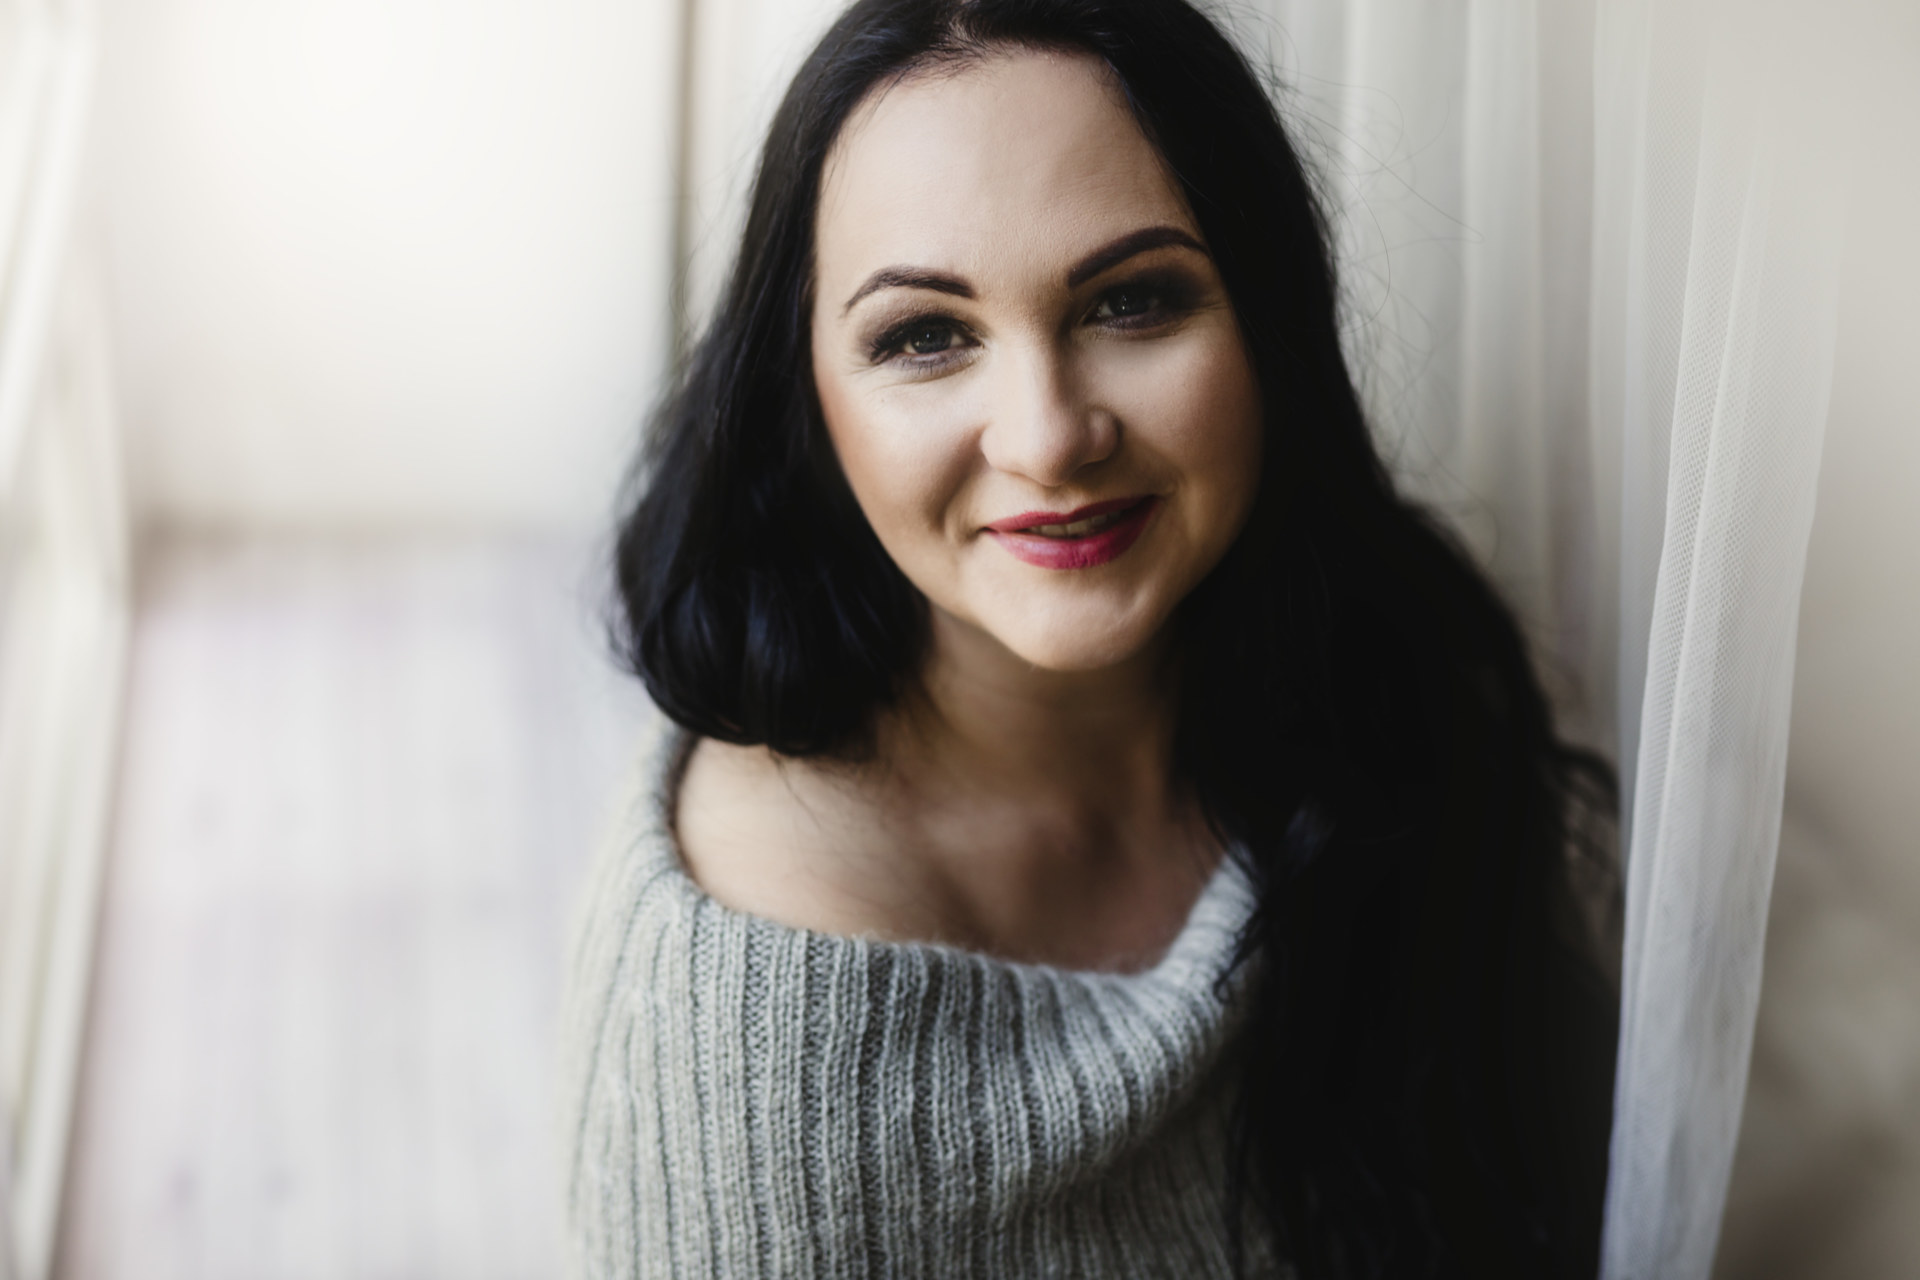 Kobieta z czarnymi włosami uśmiecha się.